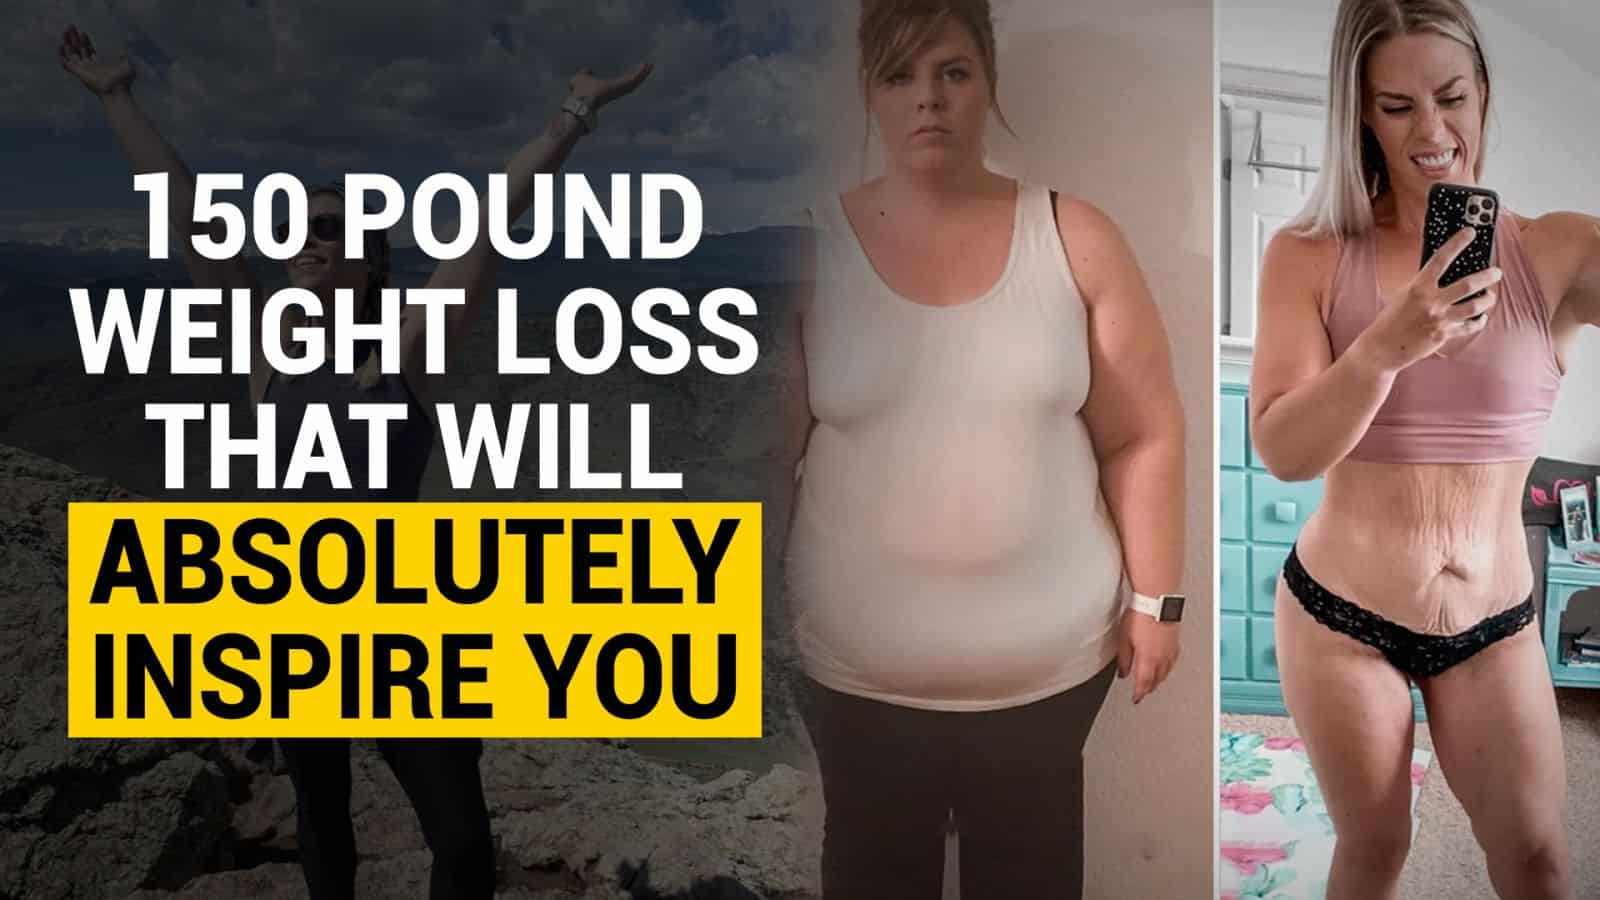 150 pound weight loss